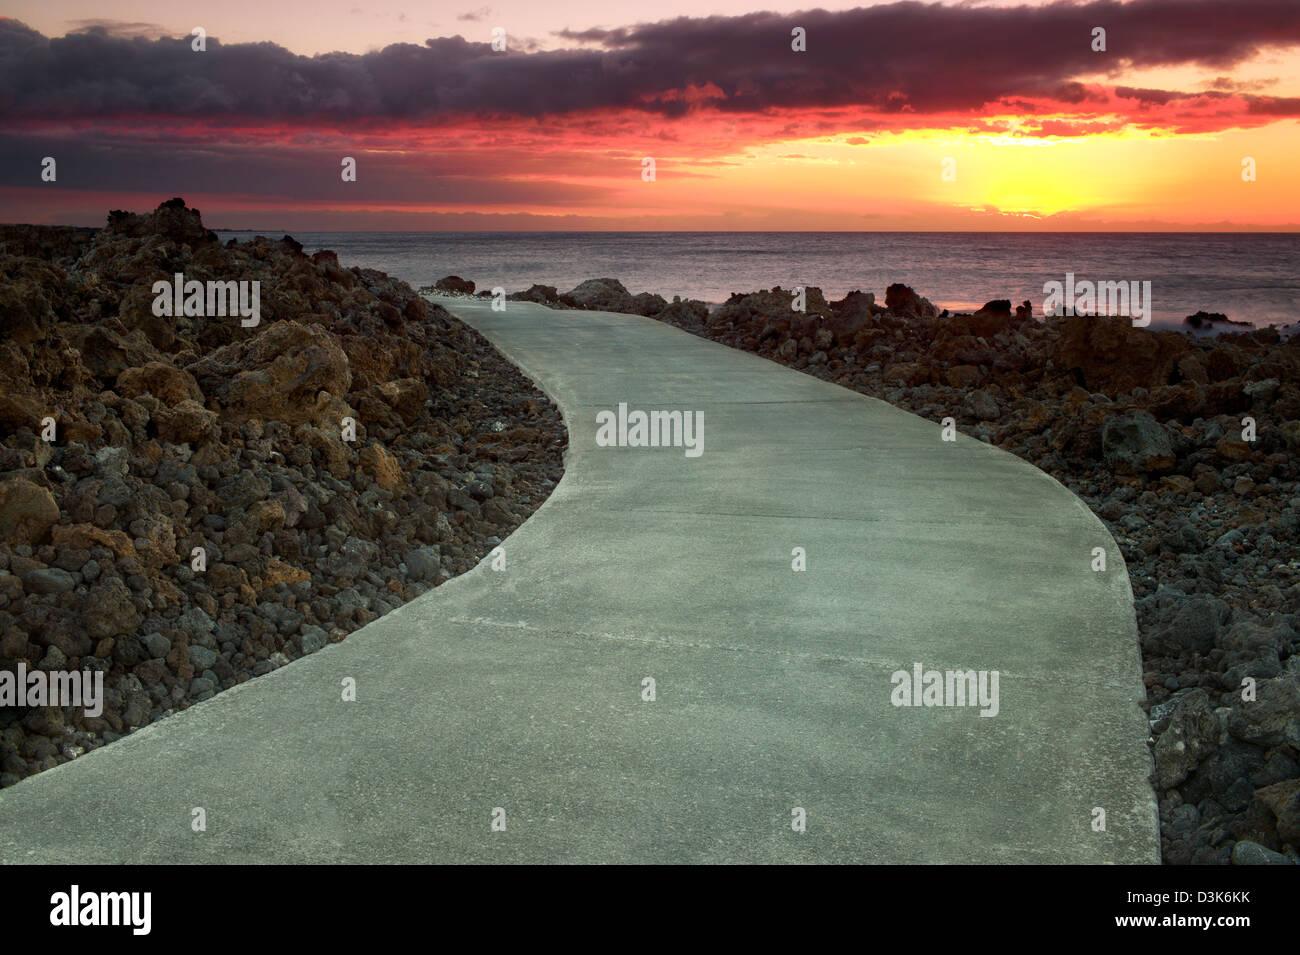 Ruta y el océano. La costa Kohala, Hawai, la Isla Grande. Imagen De Stock